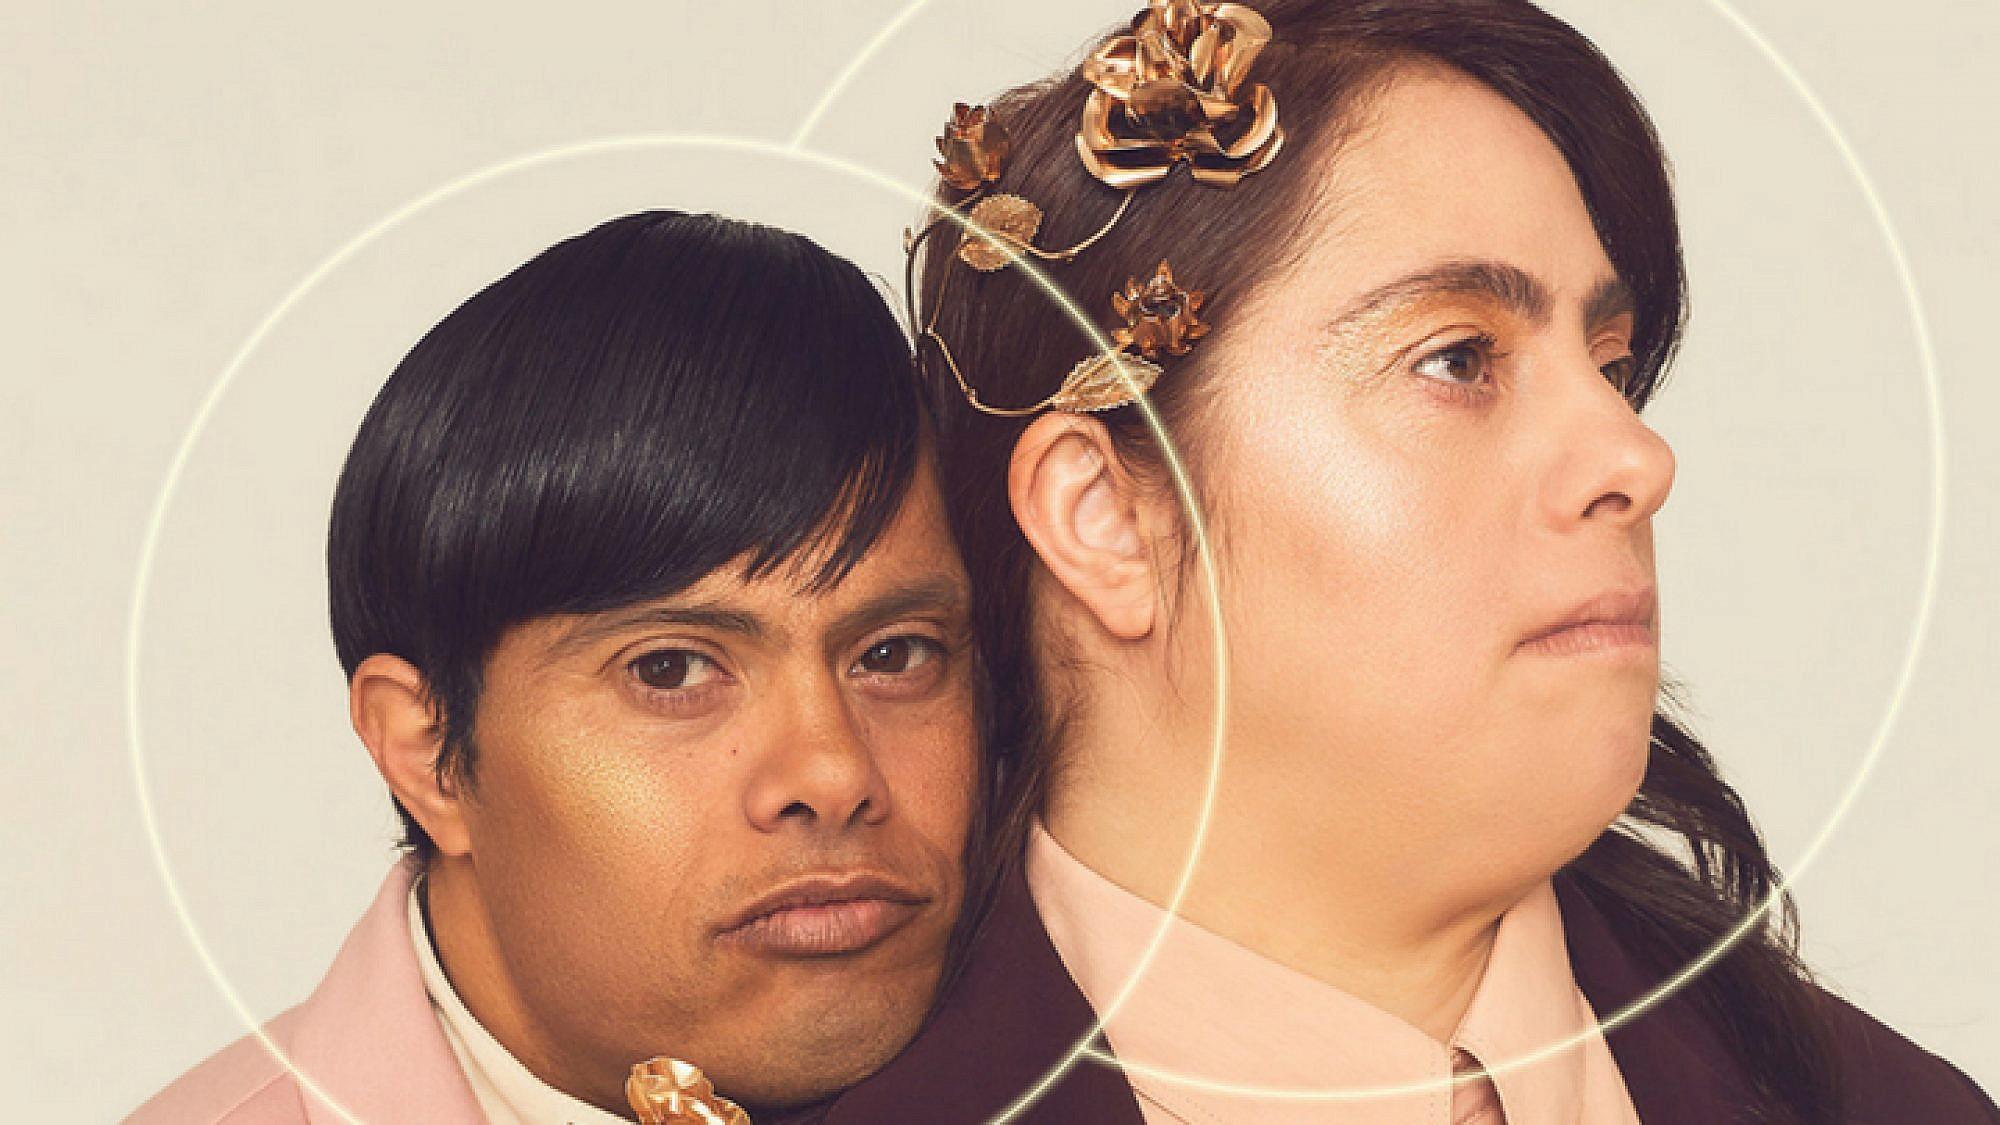 טלי ואודי, זוג עם תסמונת דאון, בהפקת האופנה של The Radical Beauty Project | צילום: לירון ויסמן